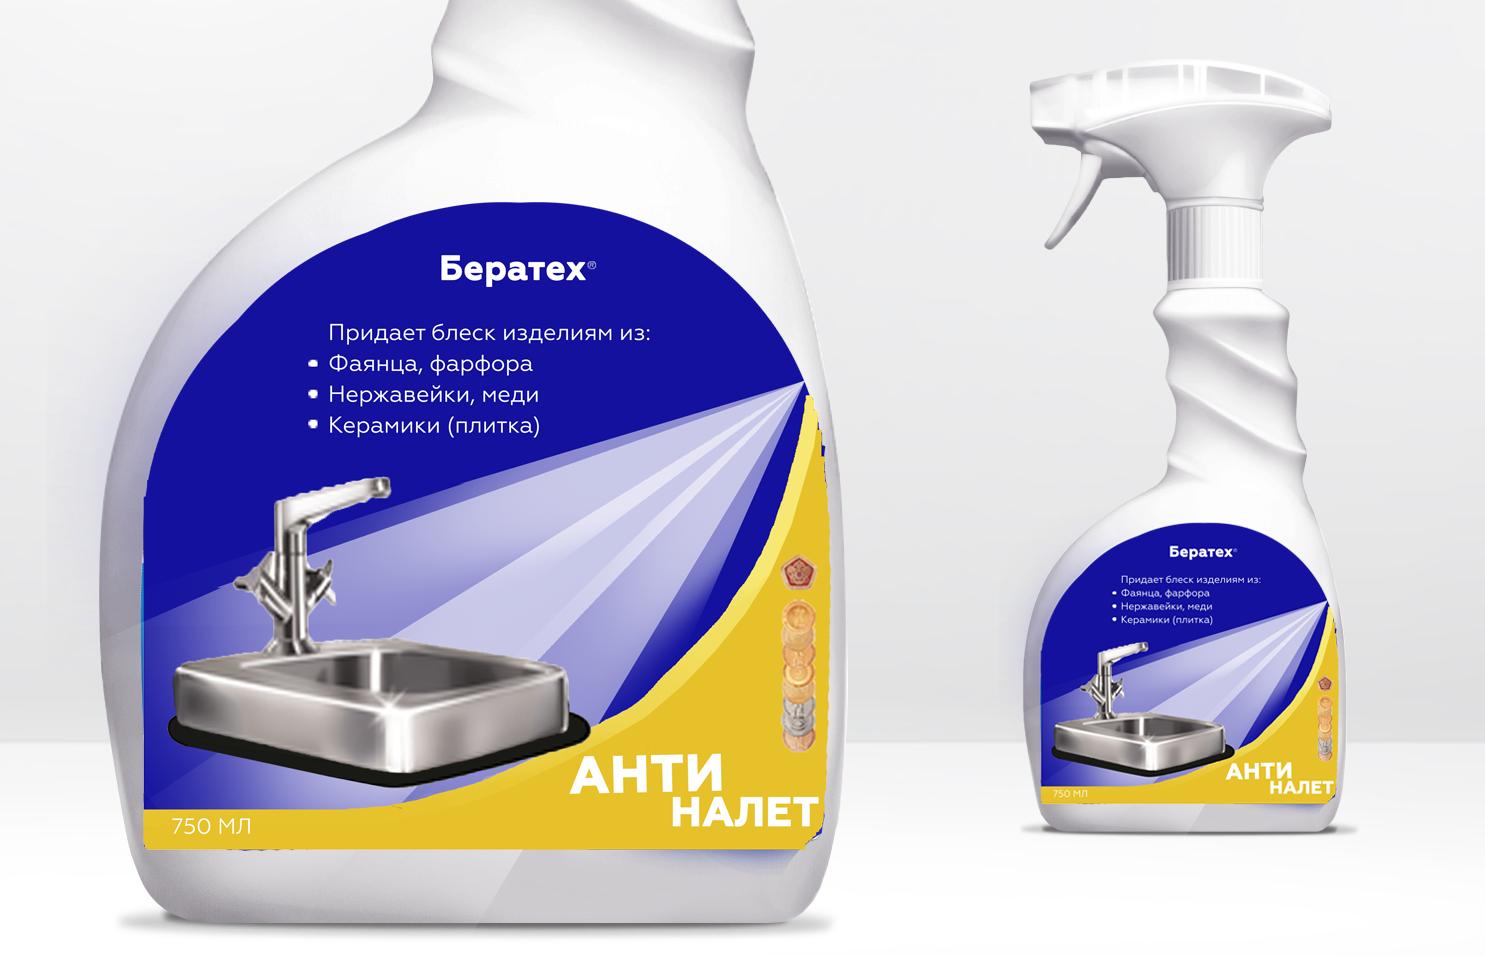 Дизайн этикеток для бытовой химии фото f_3455a6b0416795d1.png